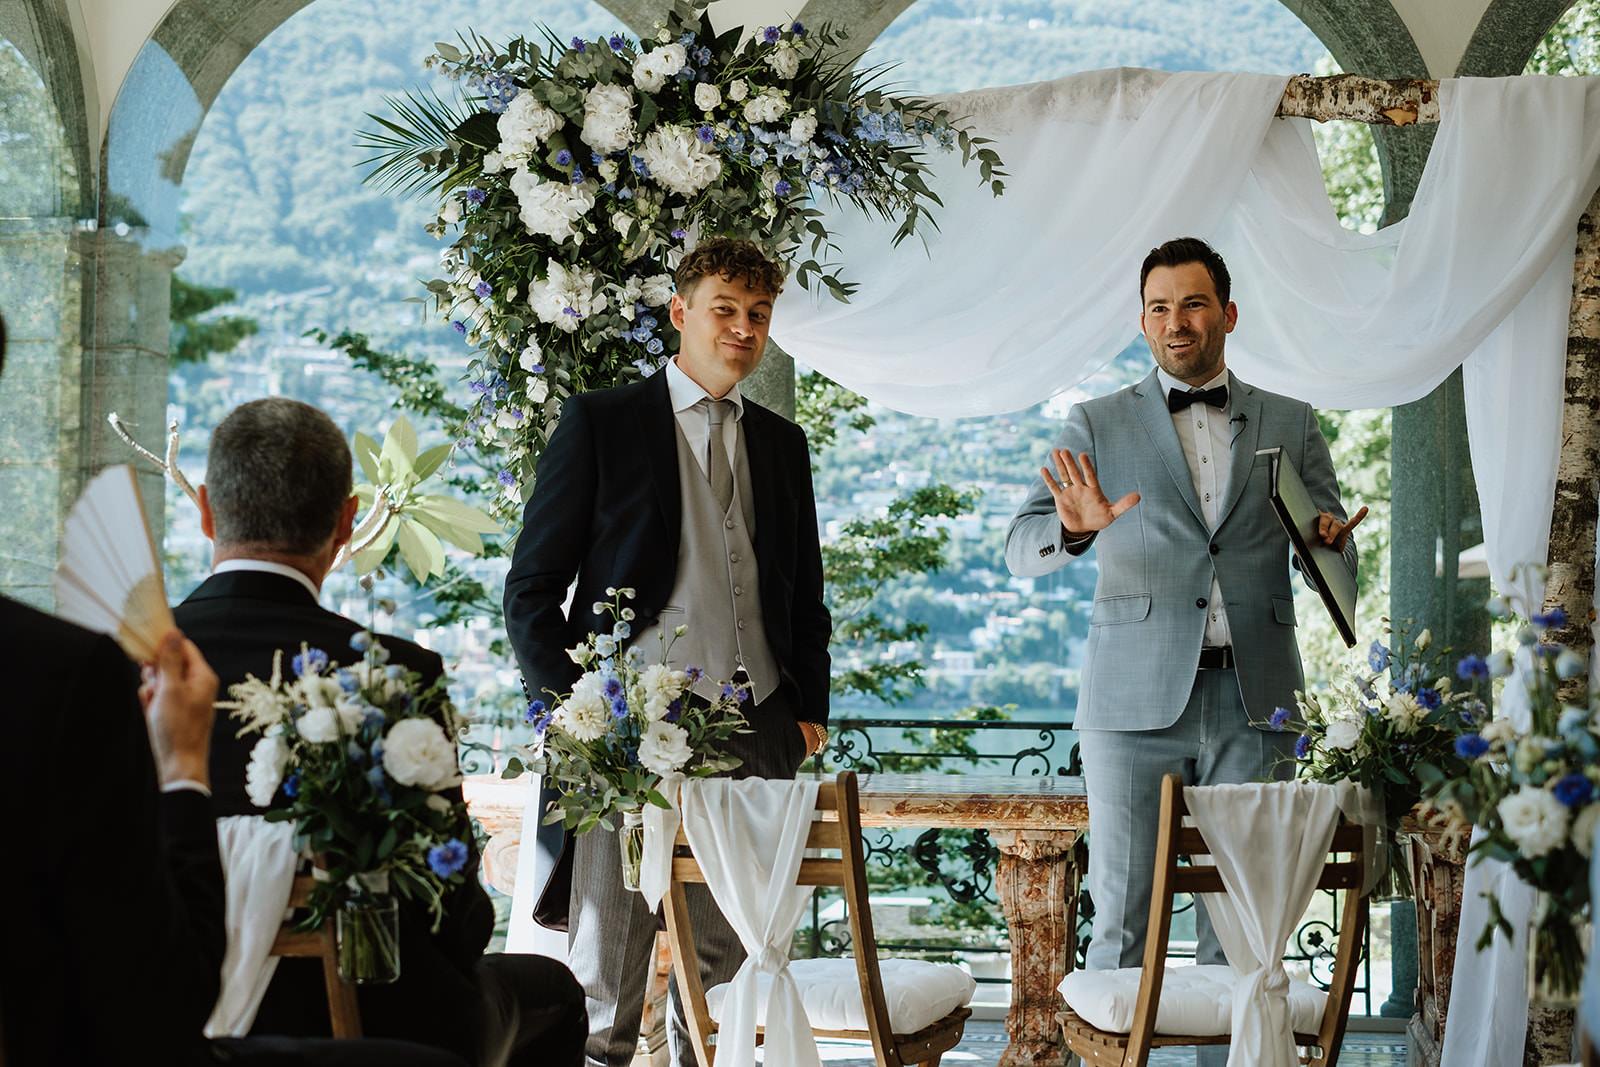 Trauredner NRW: Martin Fett spricht vor der Trauzeremonie zu den Hochzeitsgästen